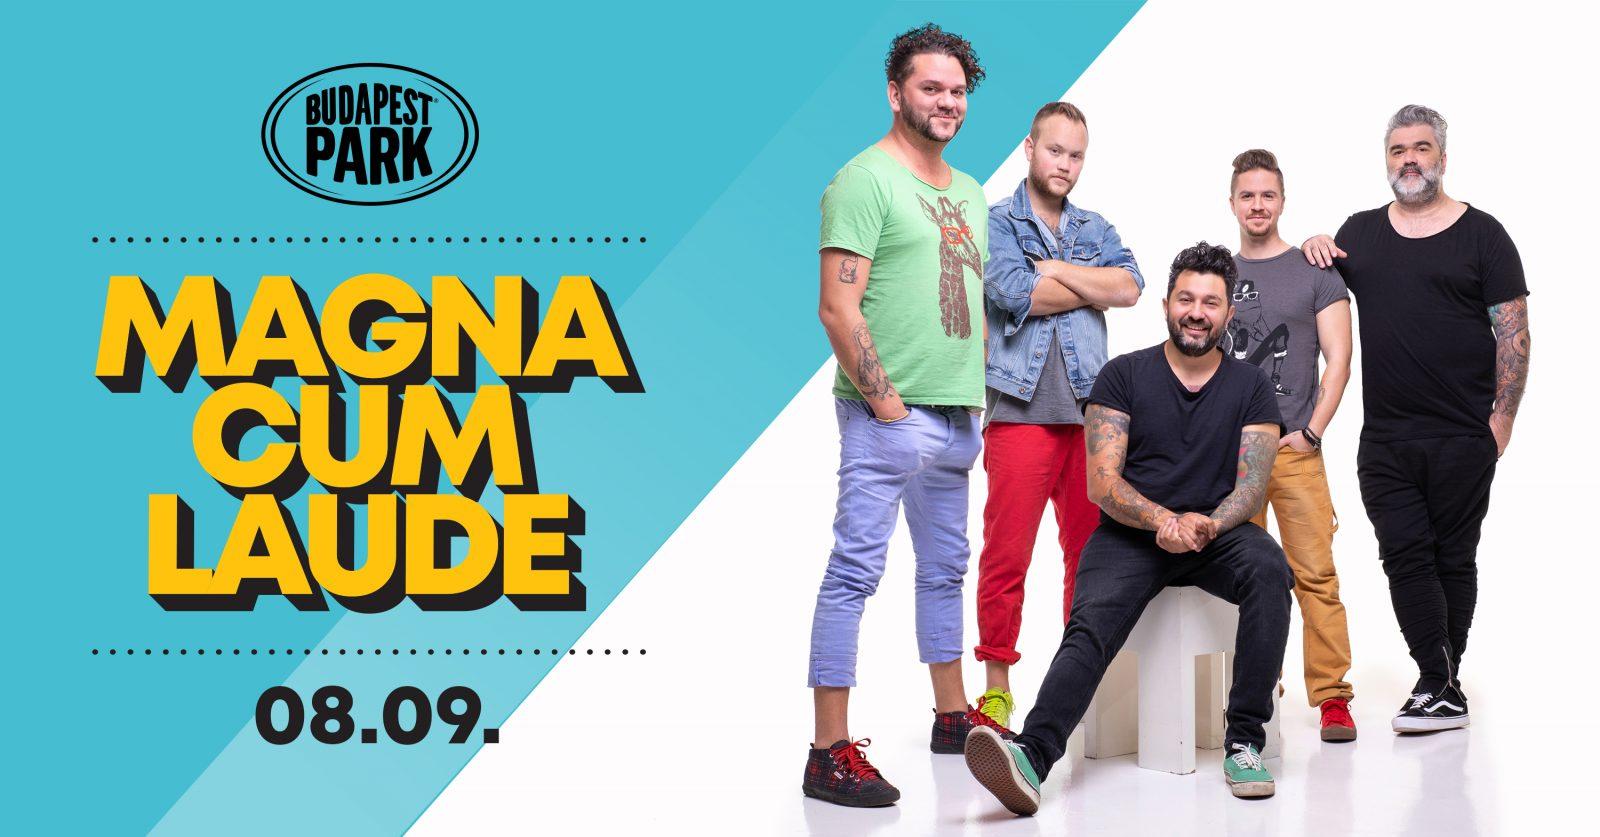 magna cum laude budapest park 2019